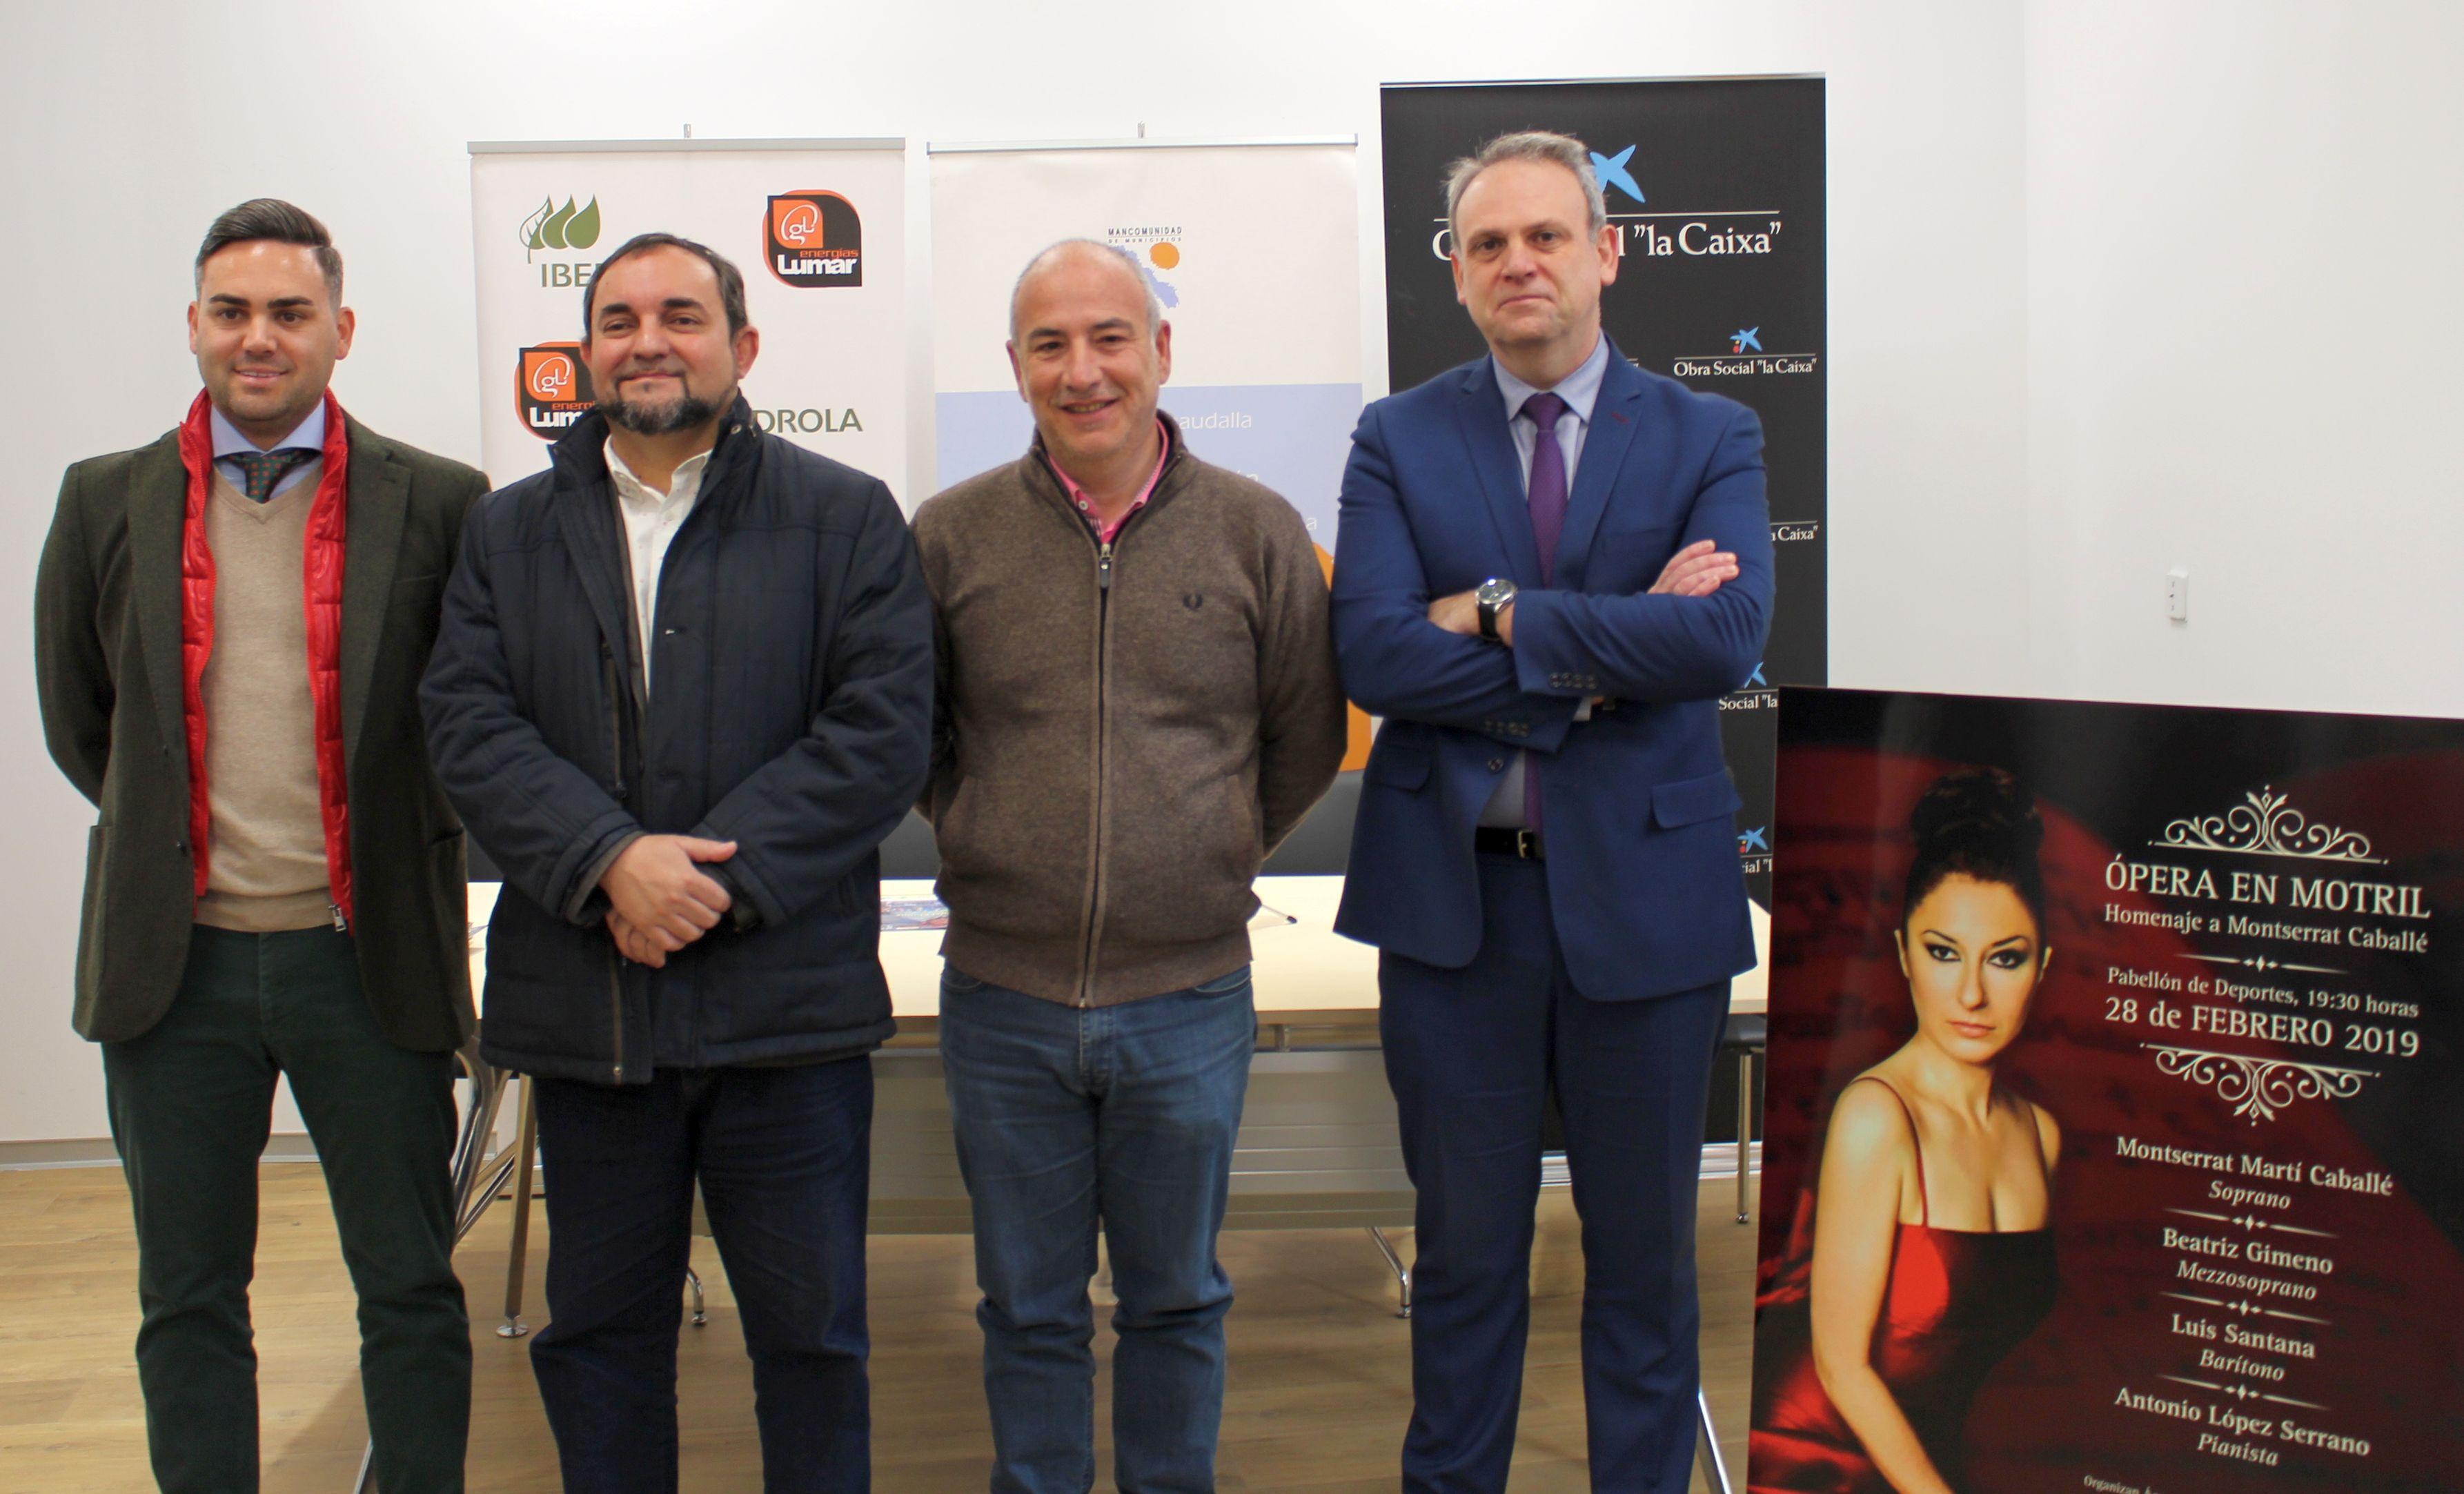 Miguel Ángel Muñoz, Sergio García, Antonio Linares (drcha) y Luis Martín (izrda)